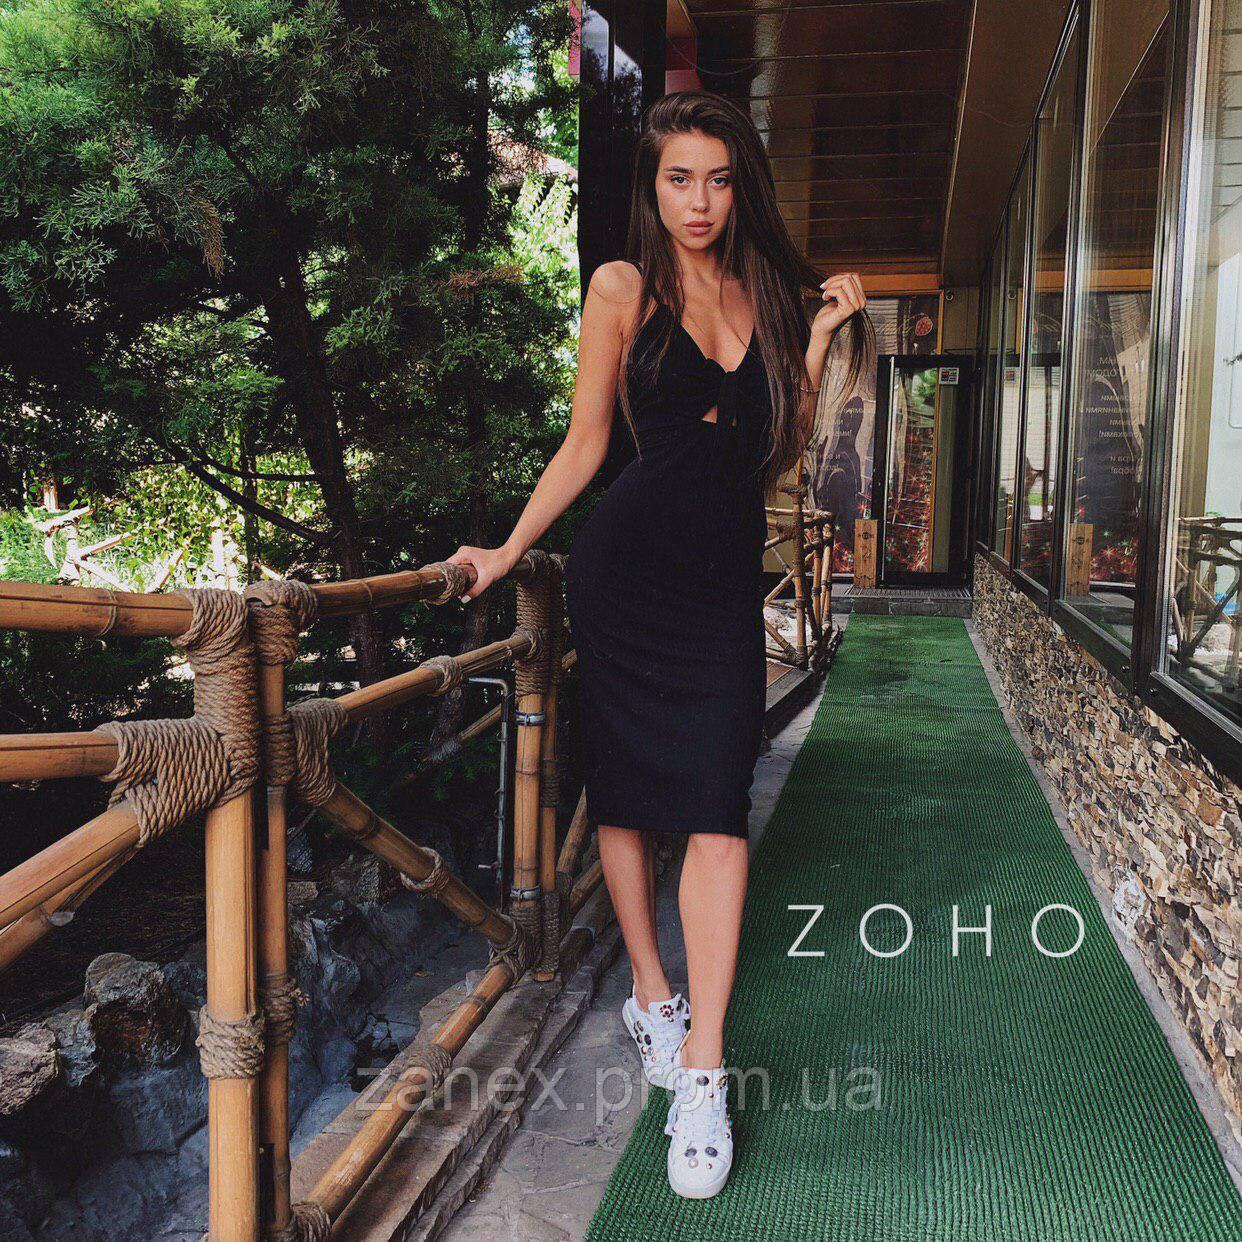 Платье летнее в рубчик Zanex, черное